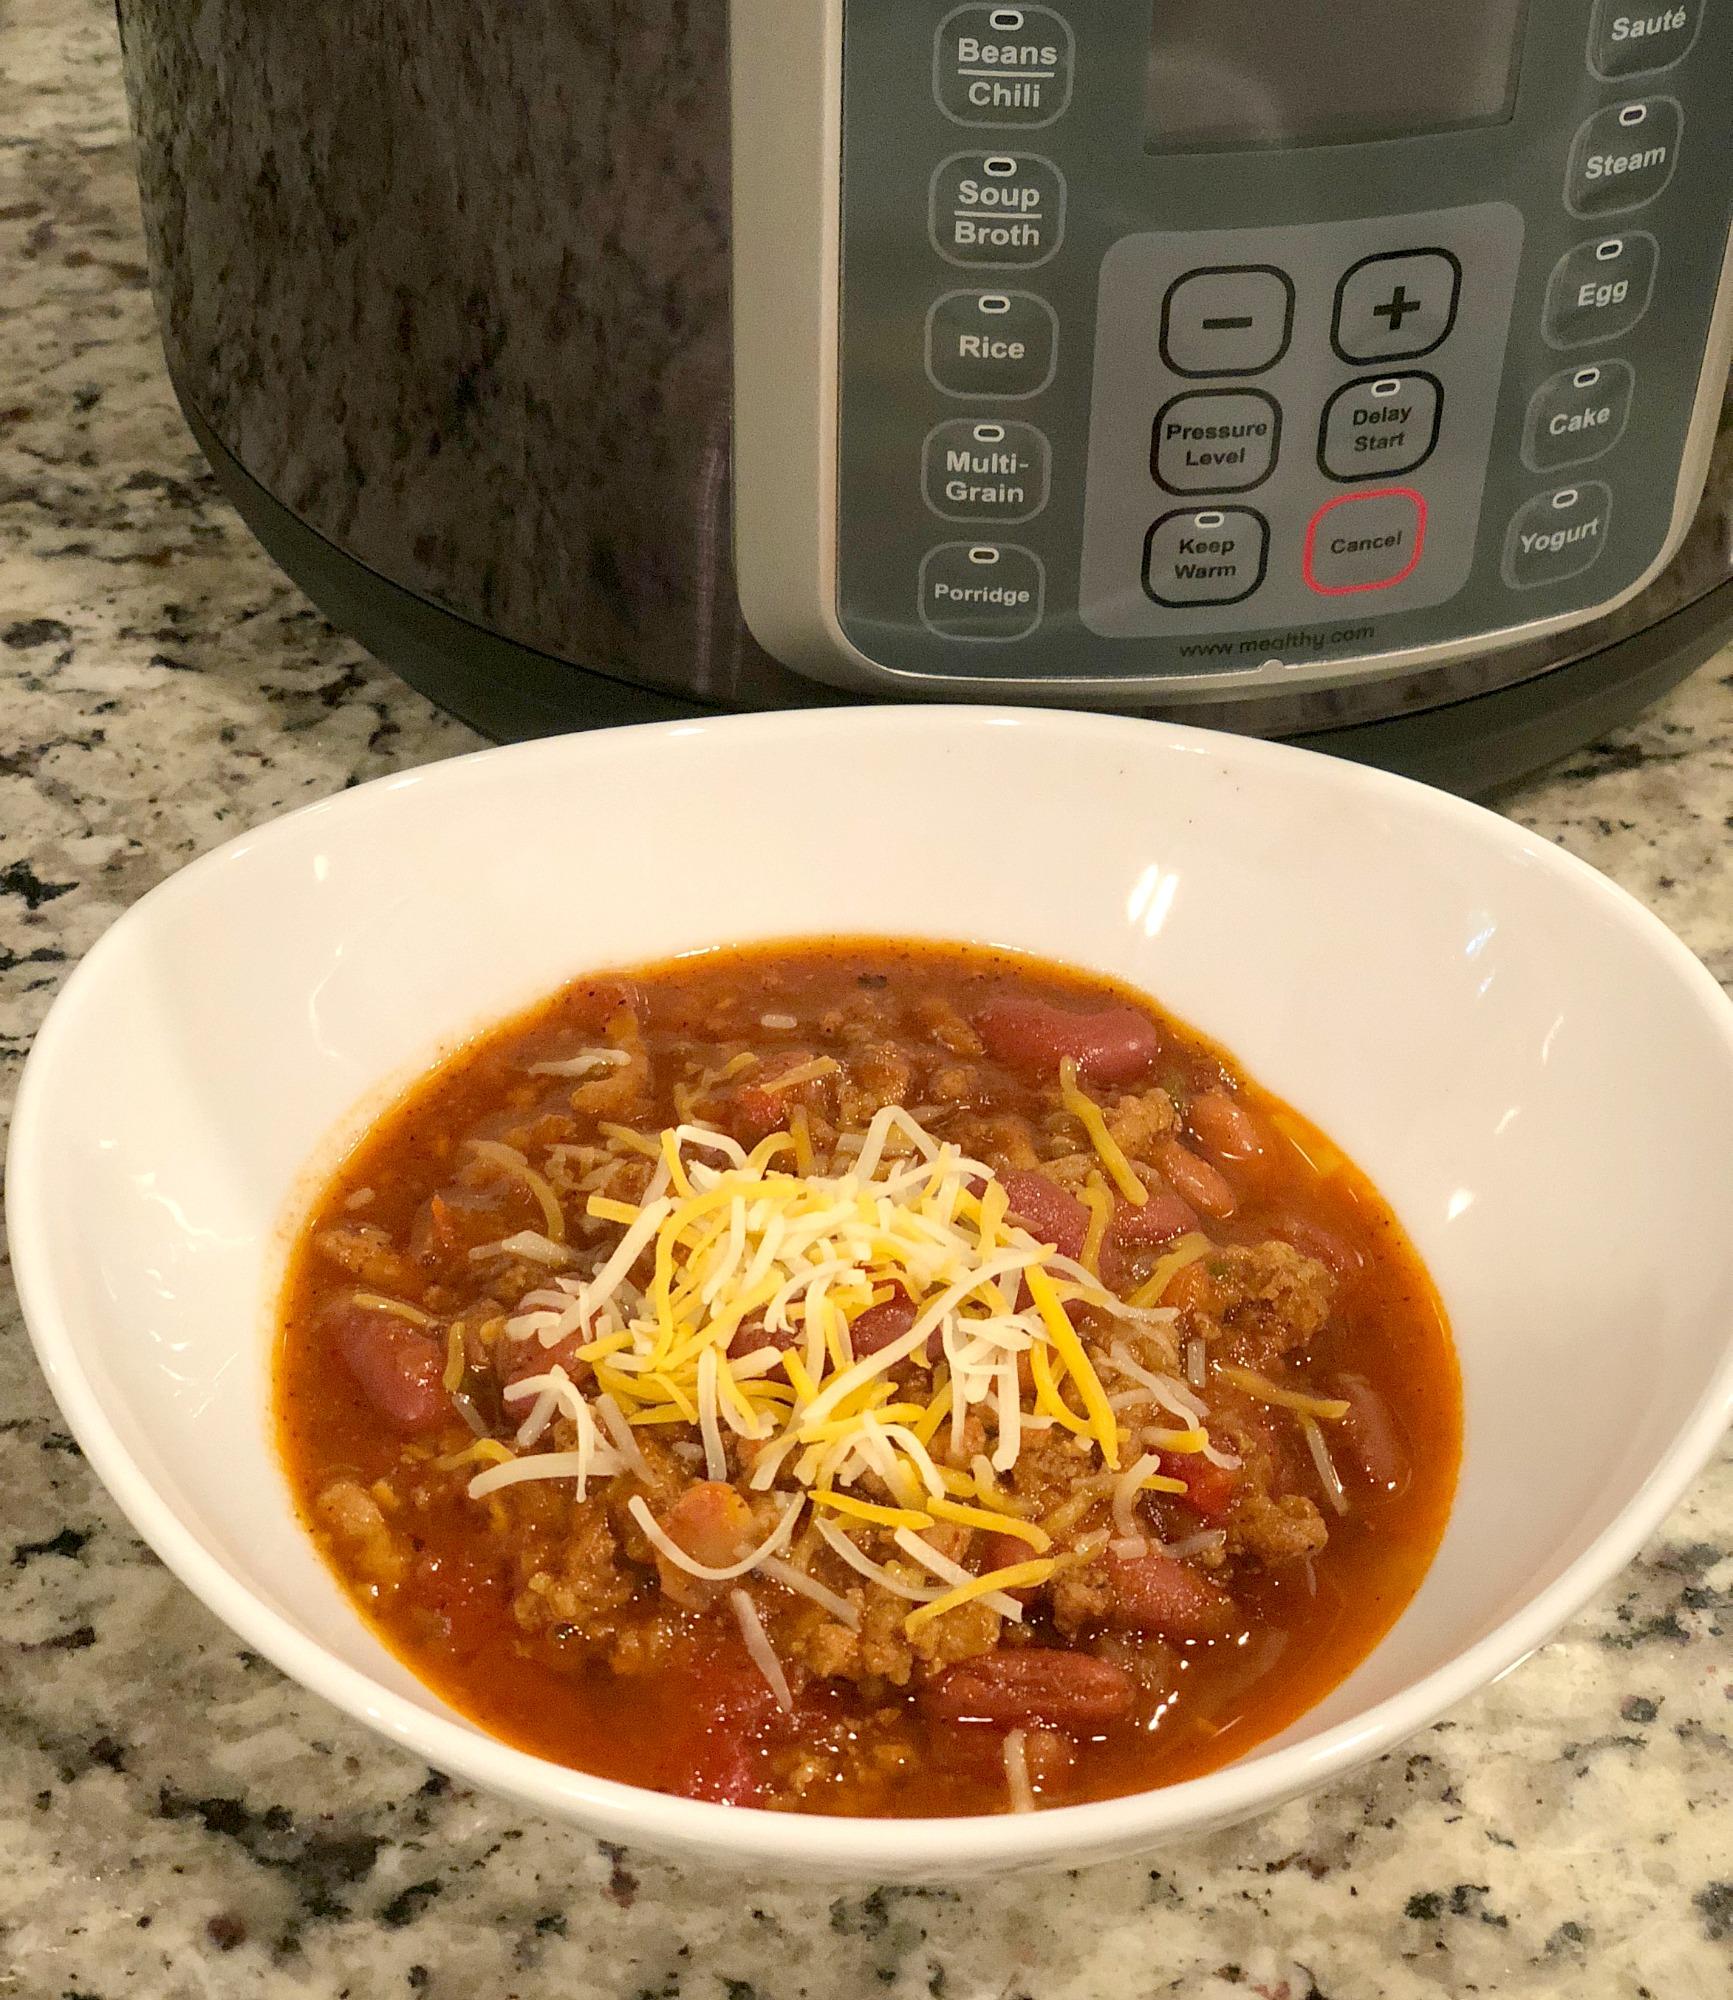 Pressure Cooker Chili Recipe